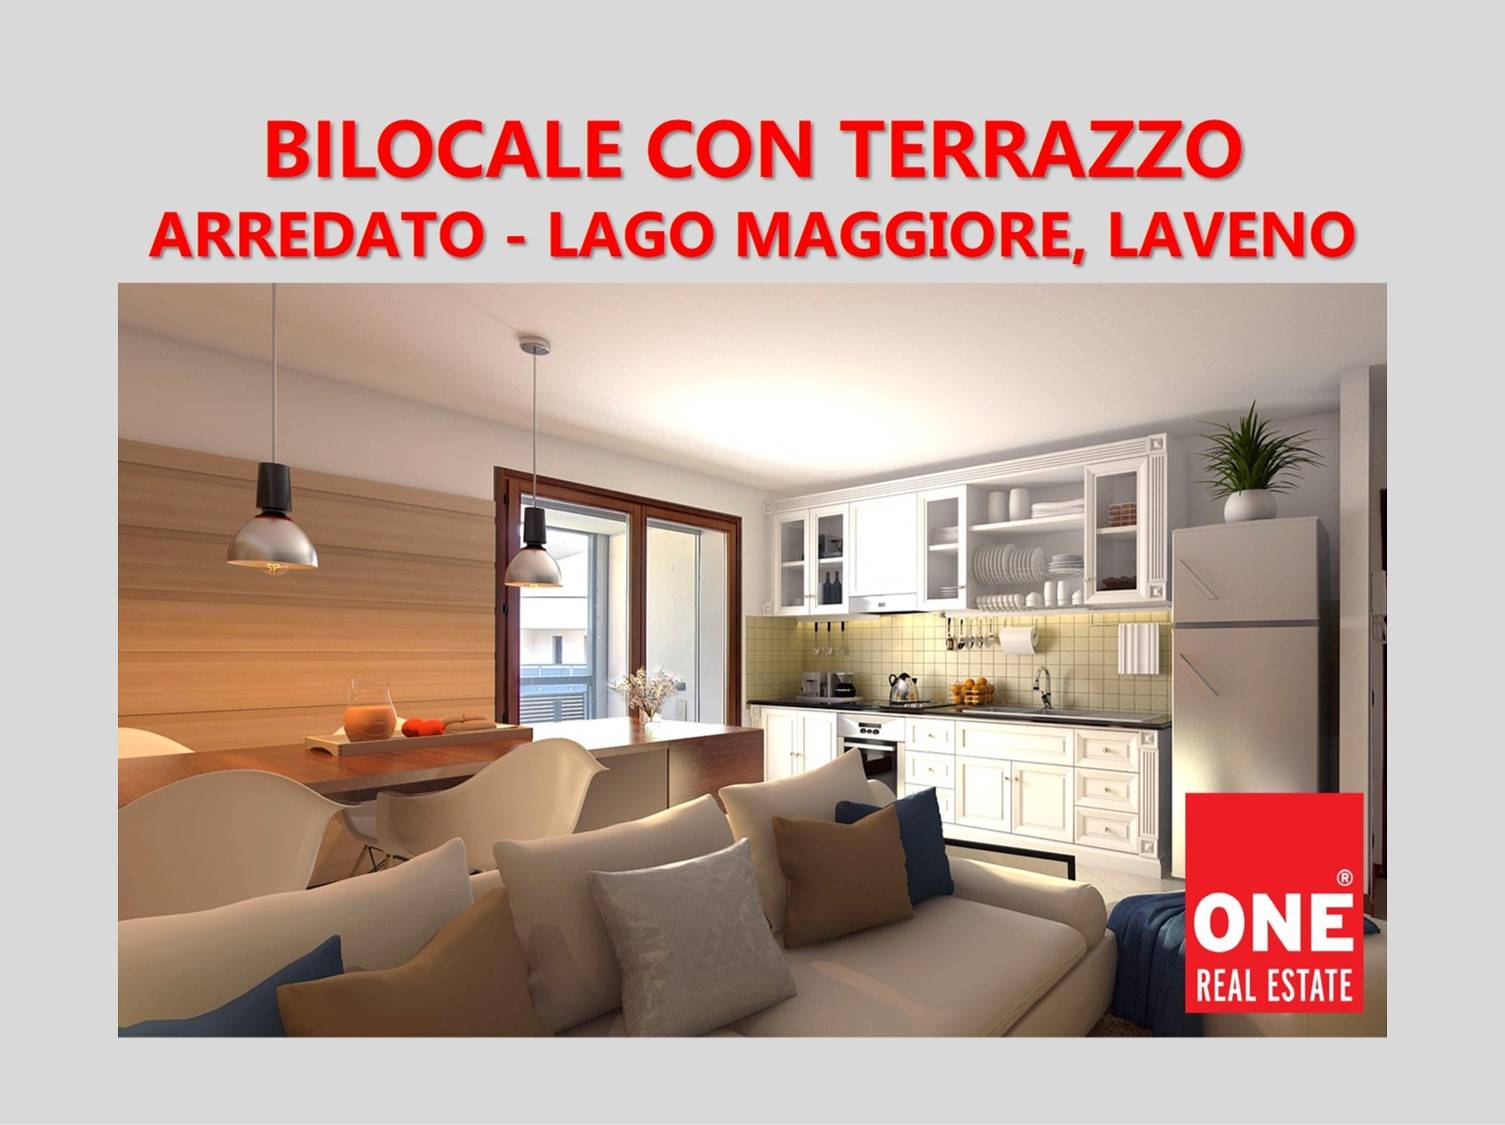 Appartamento in vendita a Laveno-Mombello, 2 locali, zona Località: LAVENO, prezzo € 150.000 | PortaleAgenzieImmobiliari.it